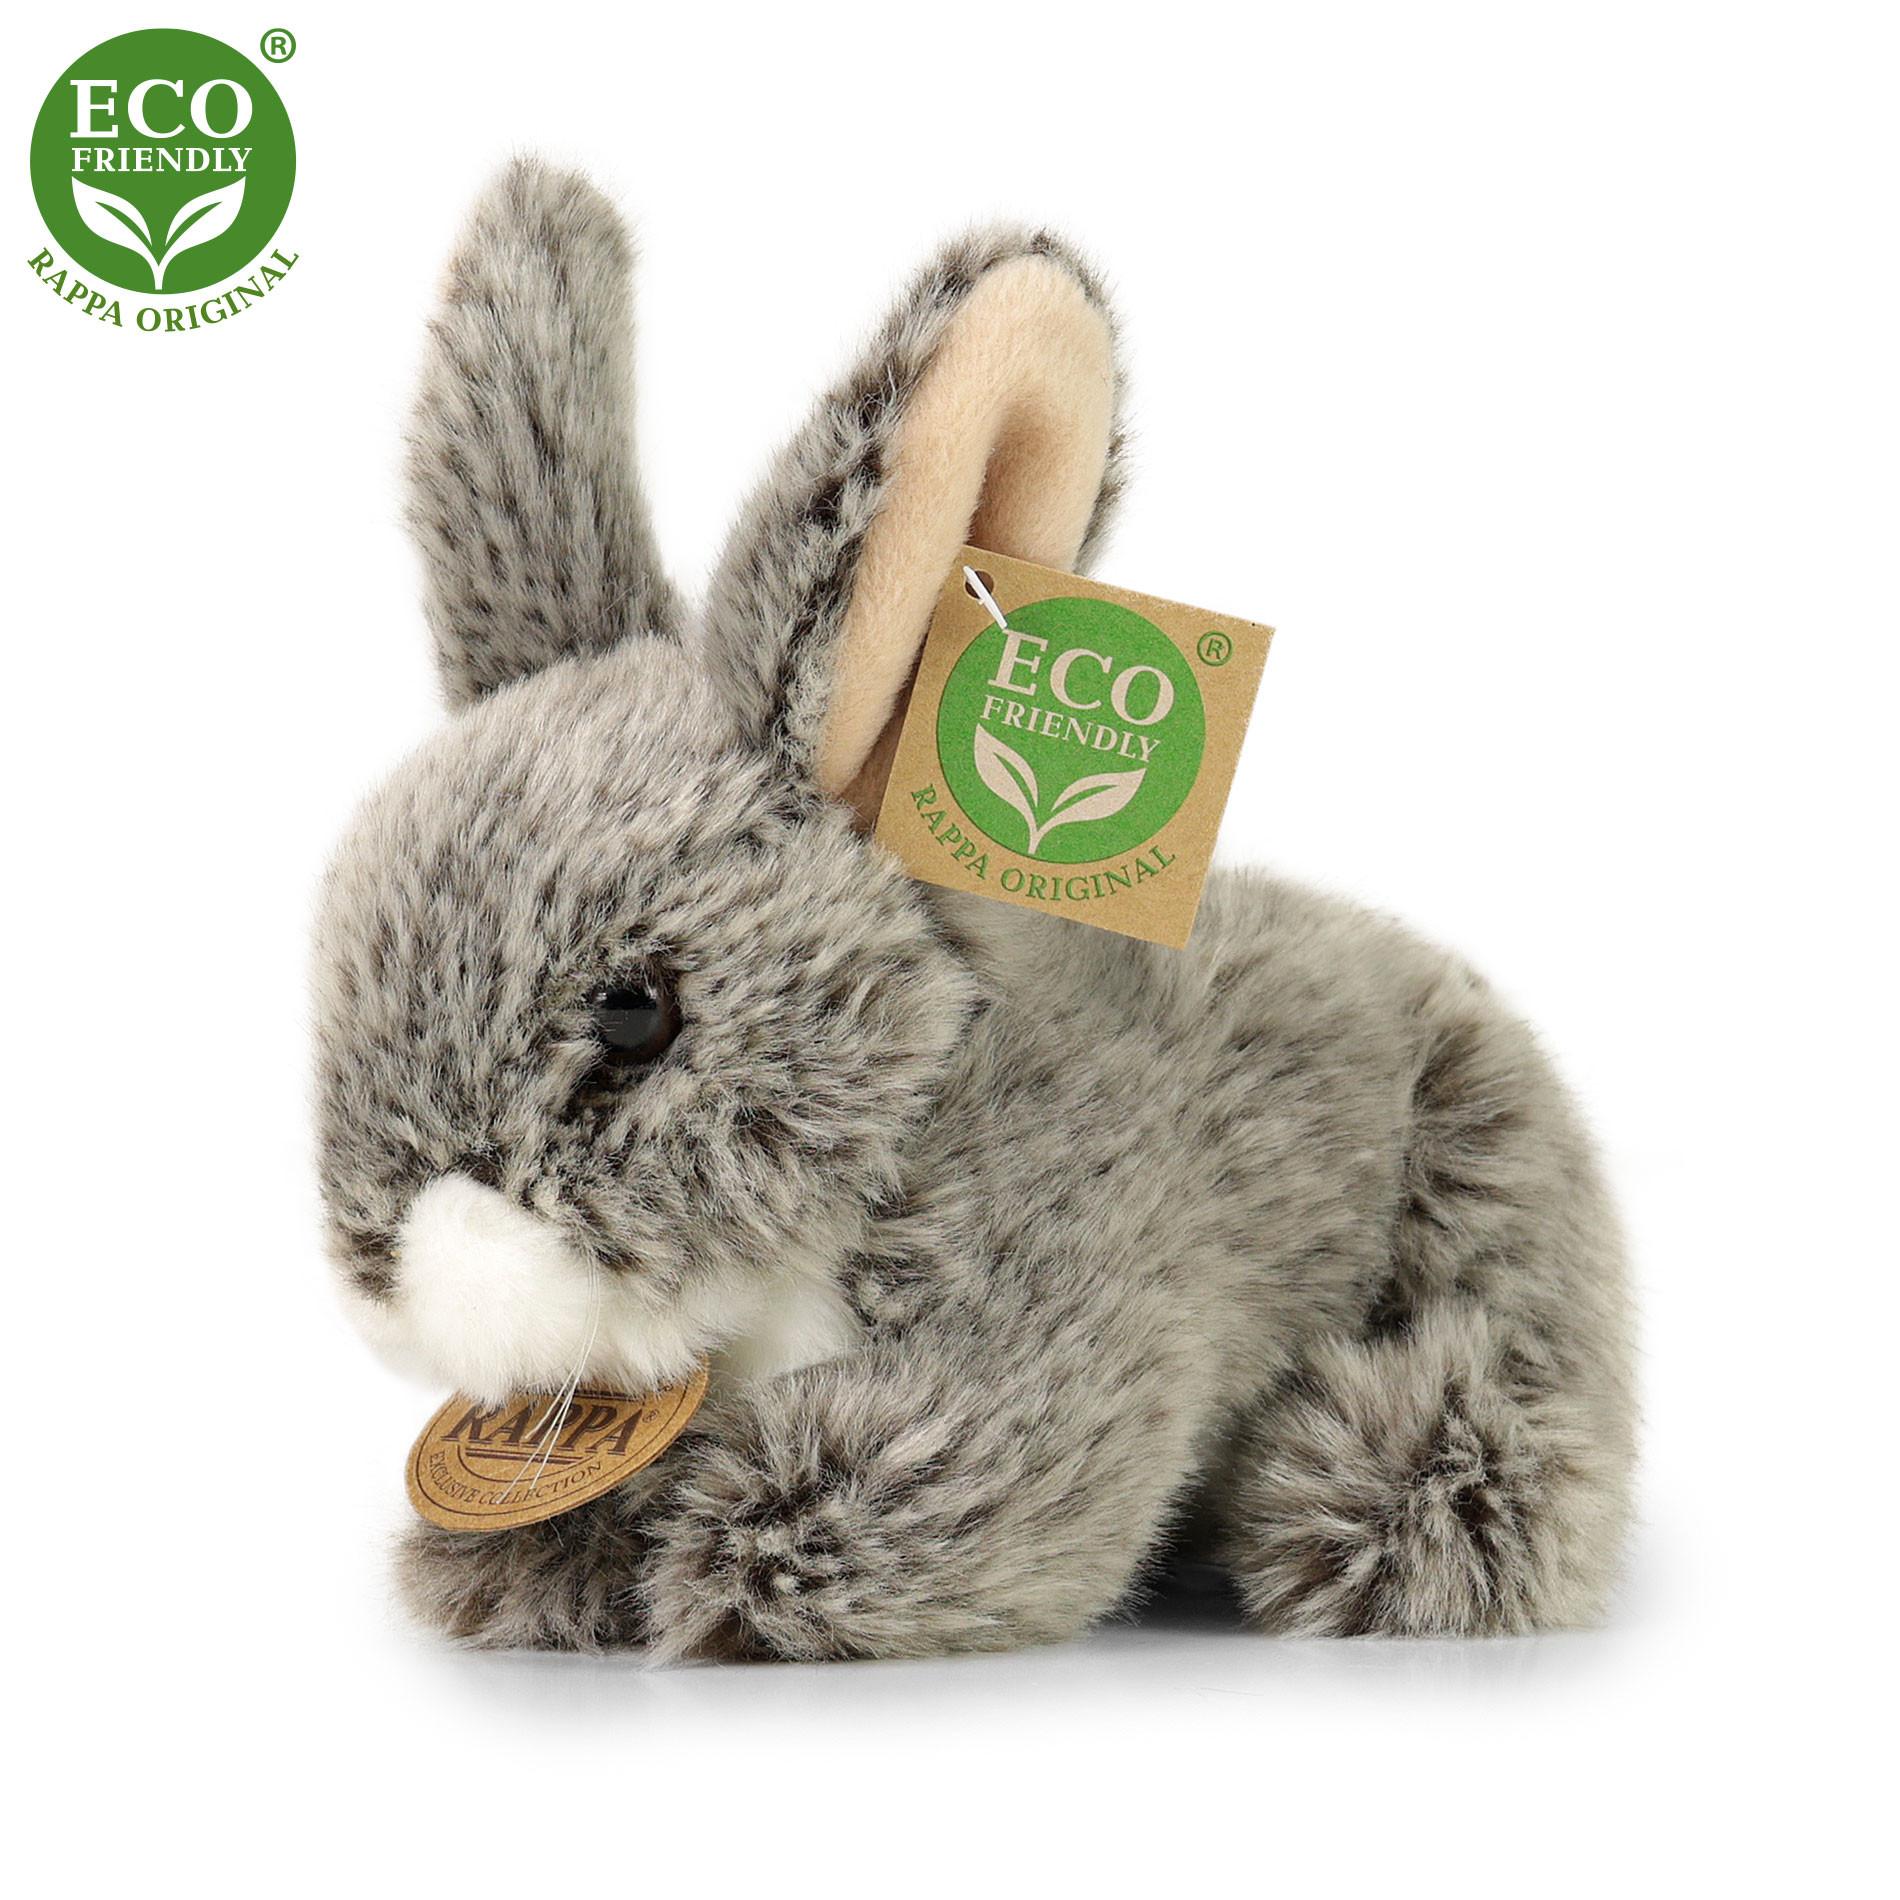 Rappa Plyšový králík tmavě šedý ležící 17 cm ECO-FRIENDLY